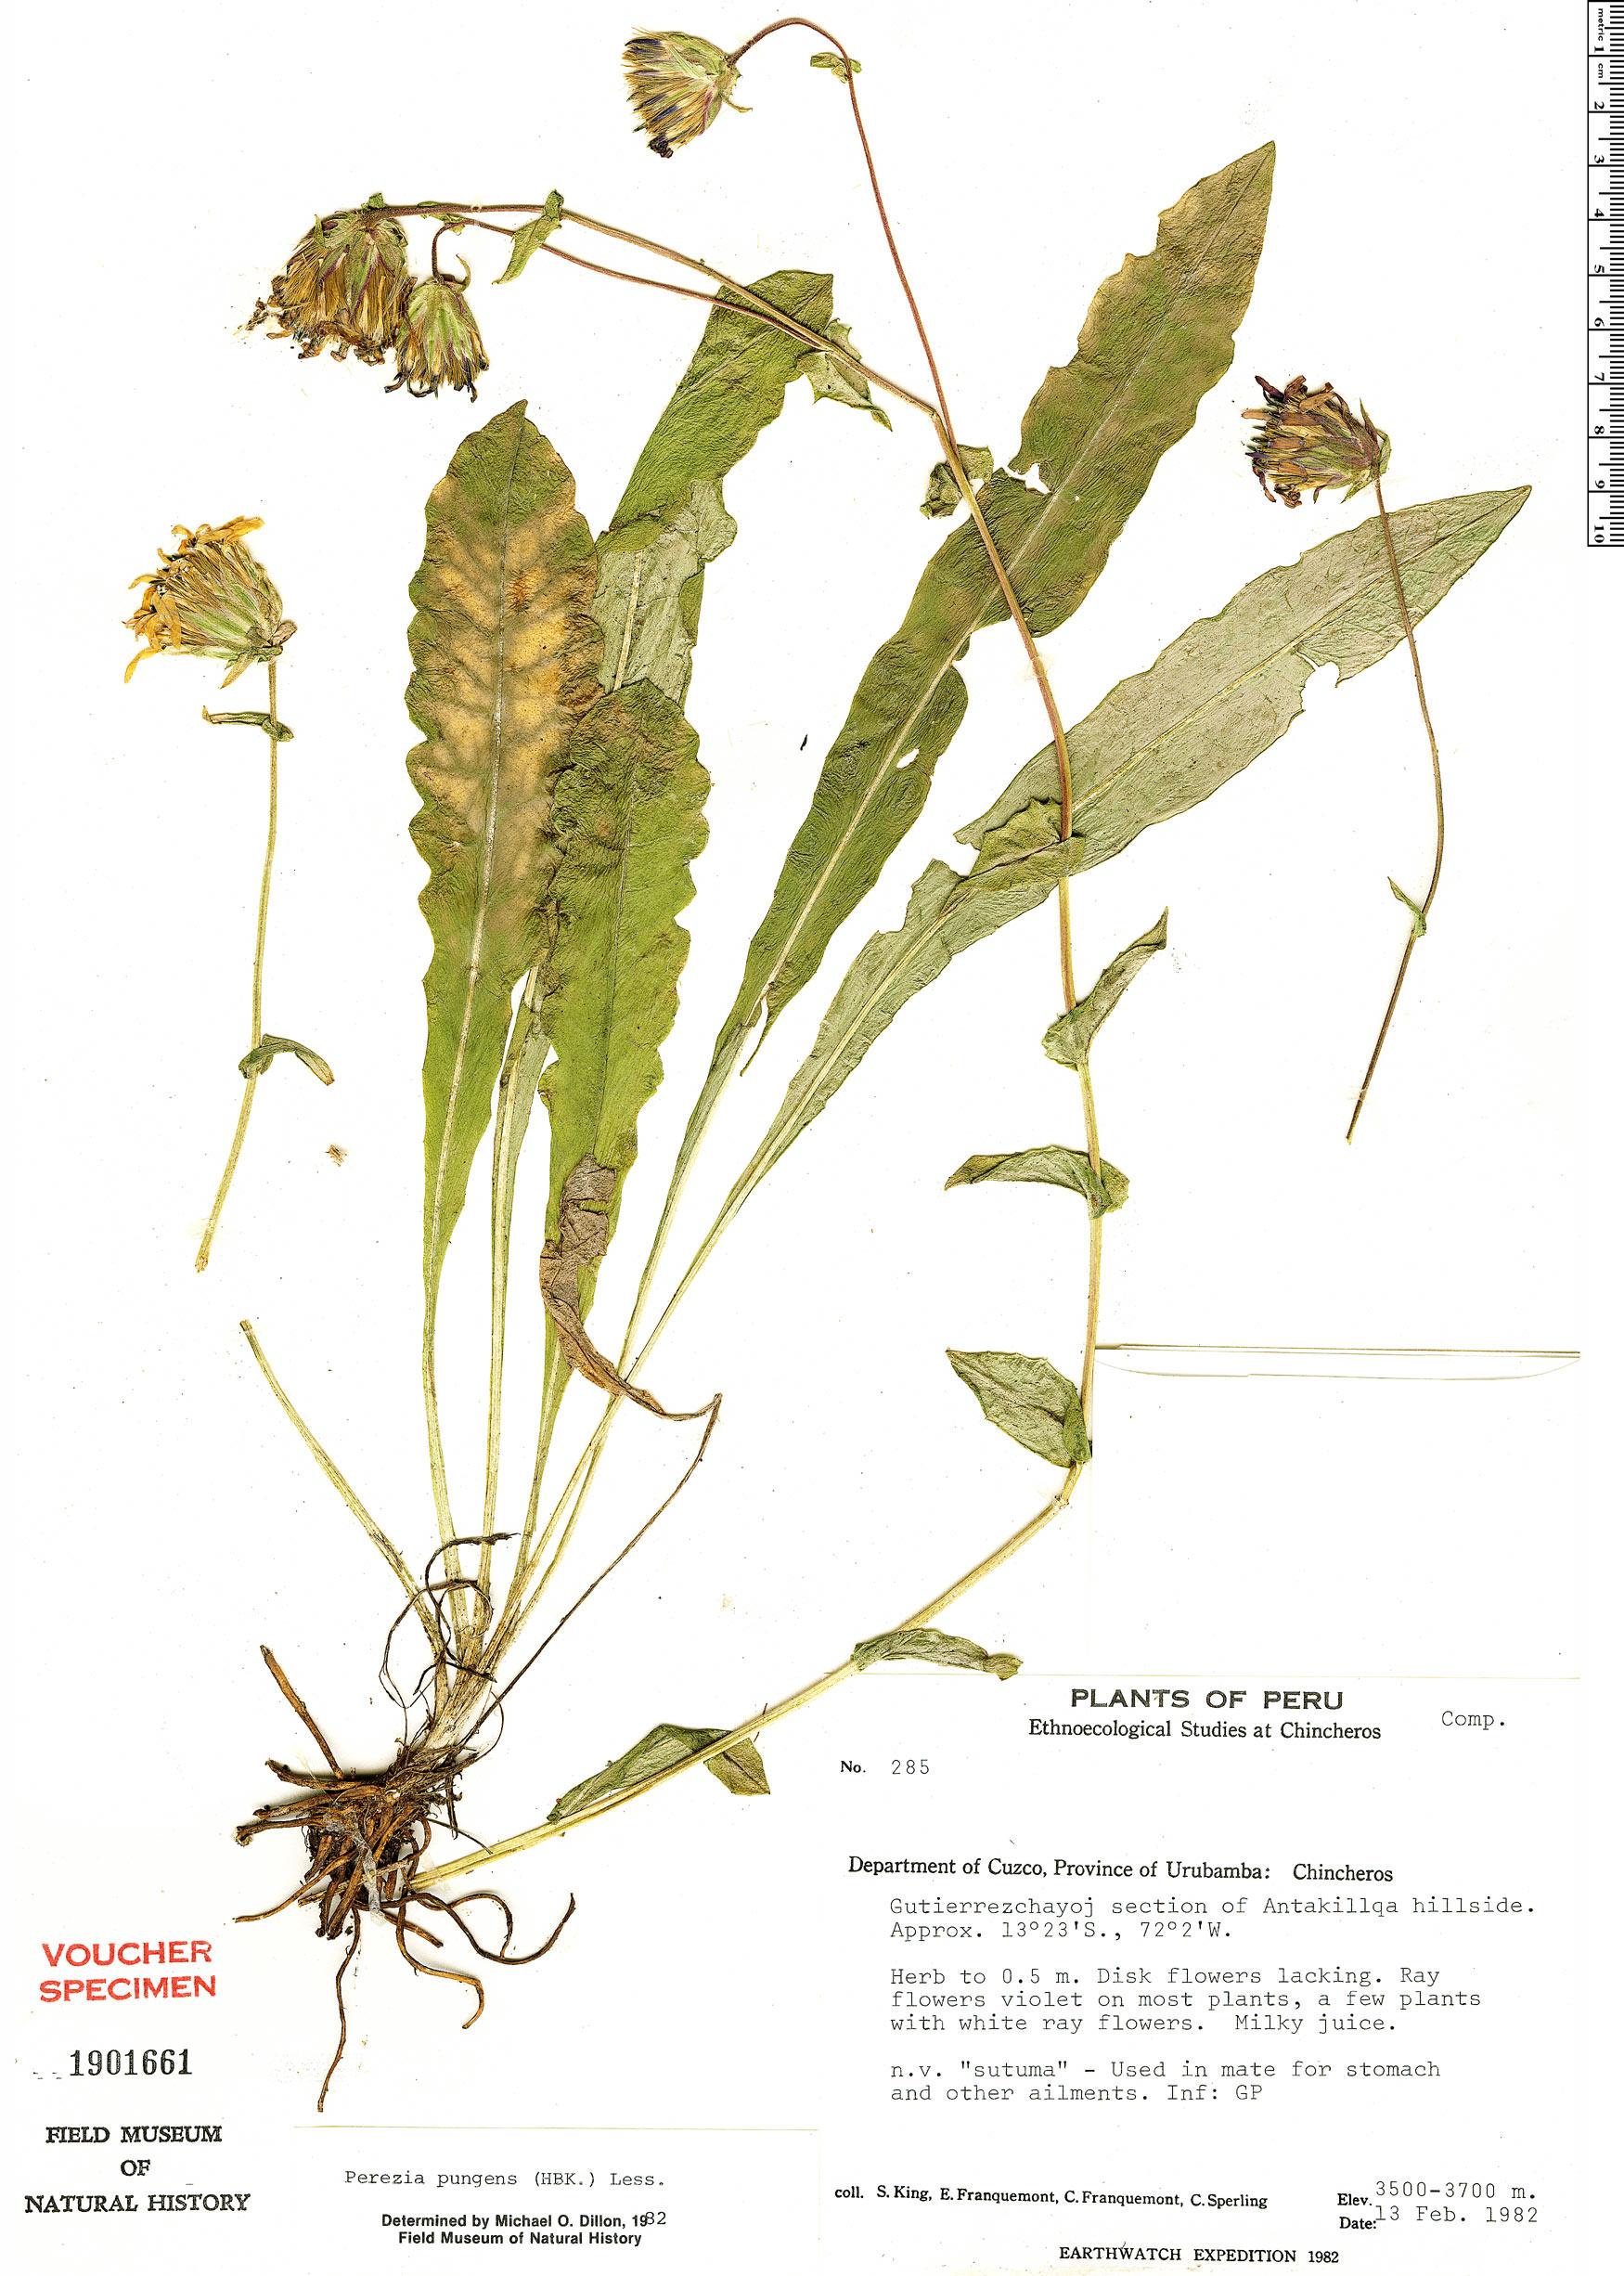 Specimen: Perezia pungens